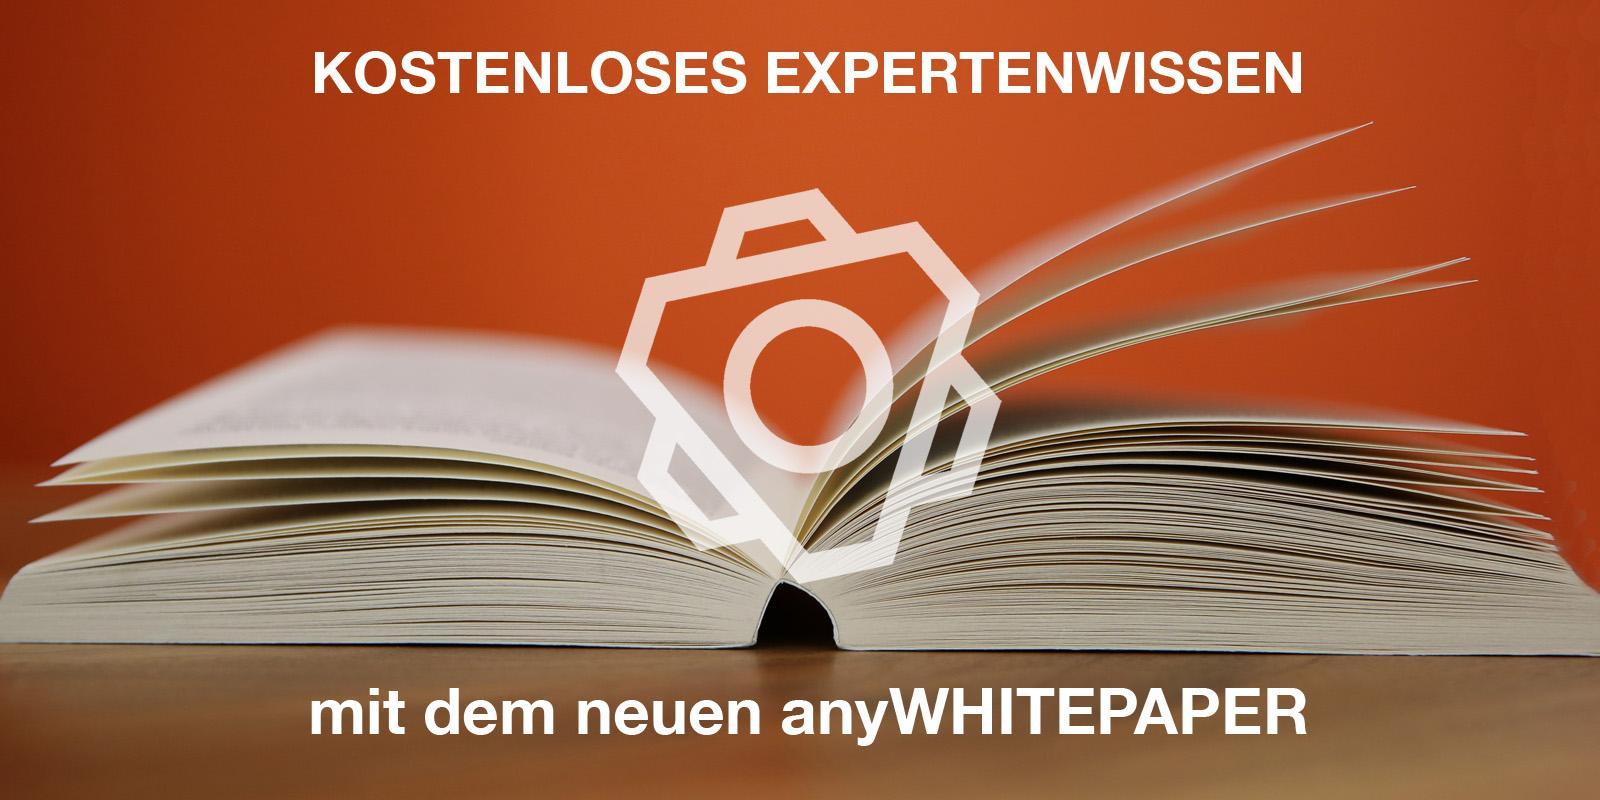 anyMOTION, Whitepaper, Digitalexperen Düsseldorf, Digitalexperten Köln, Kostenloses Expertenwissen